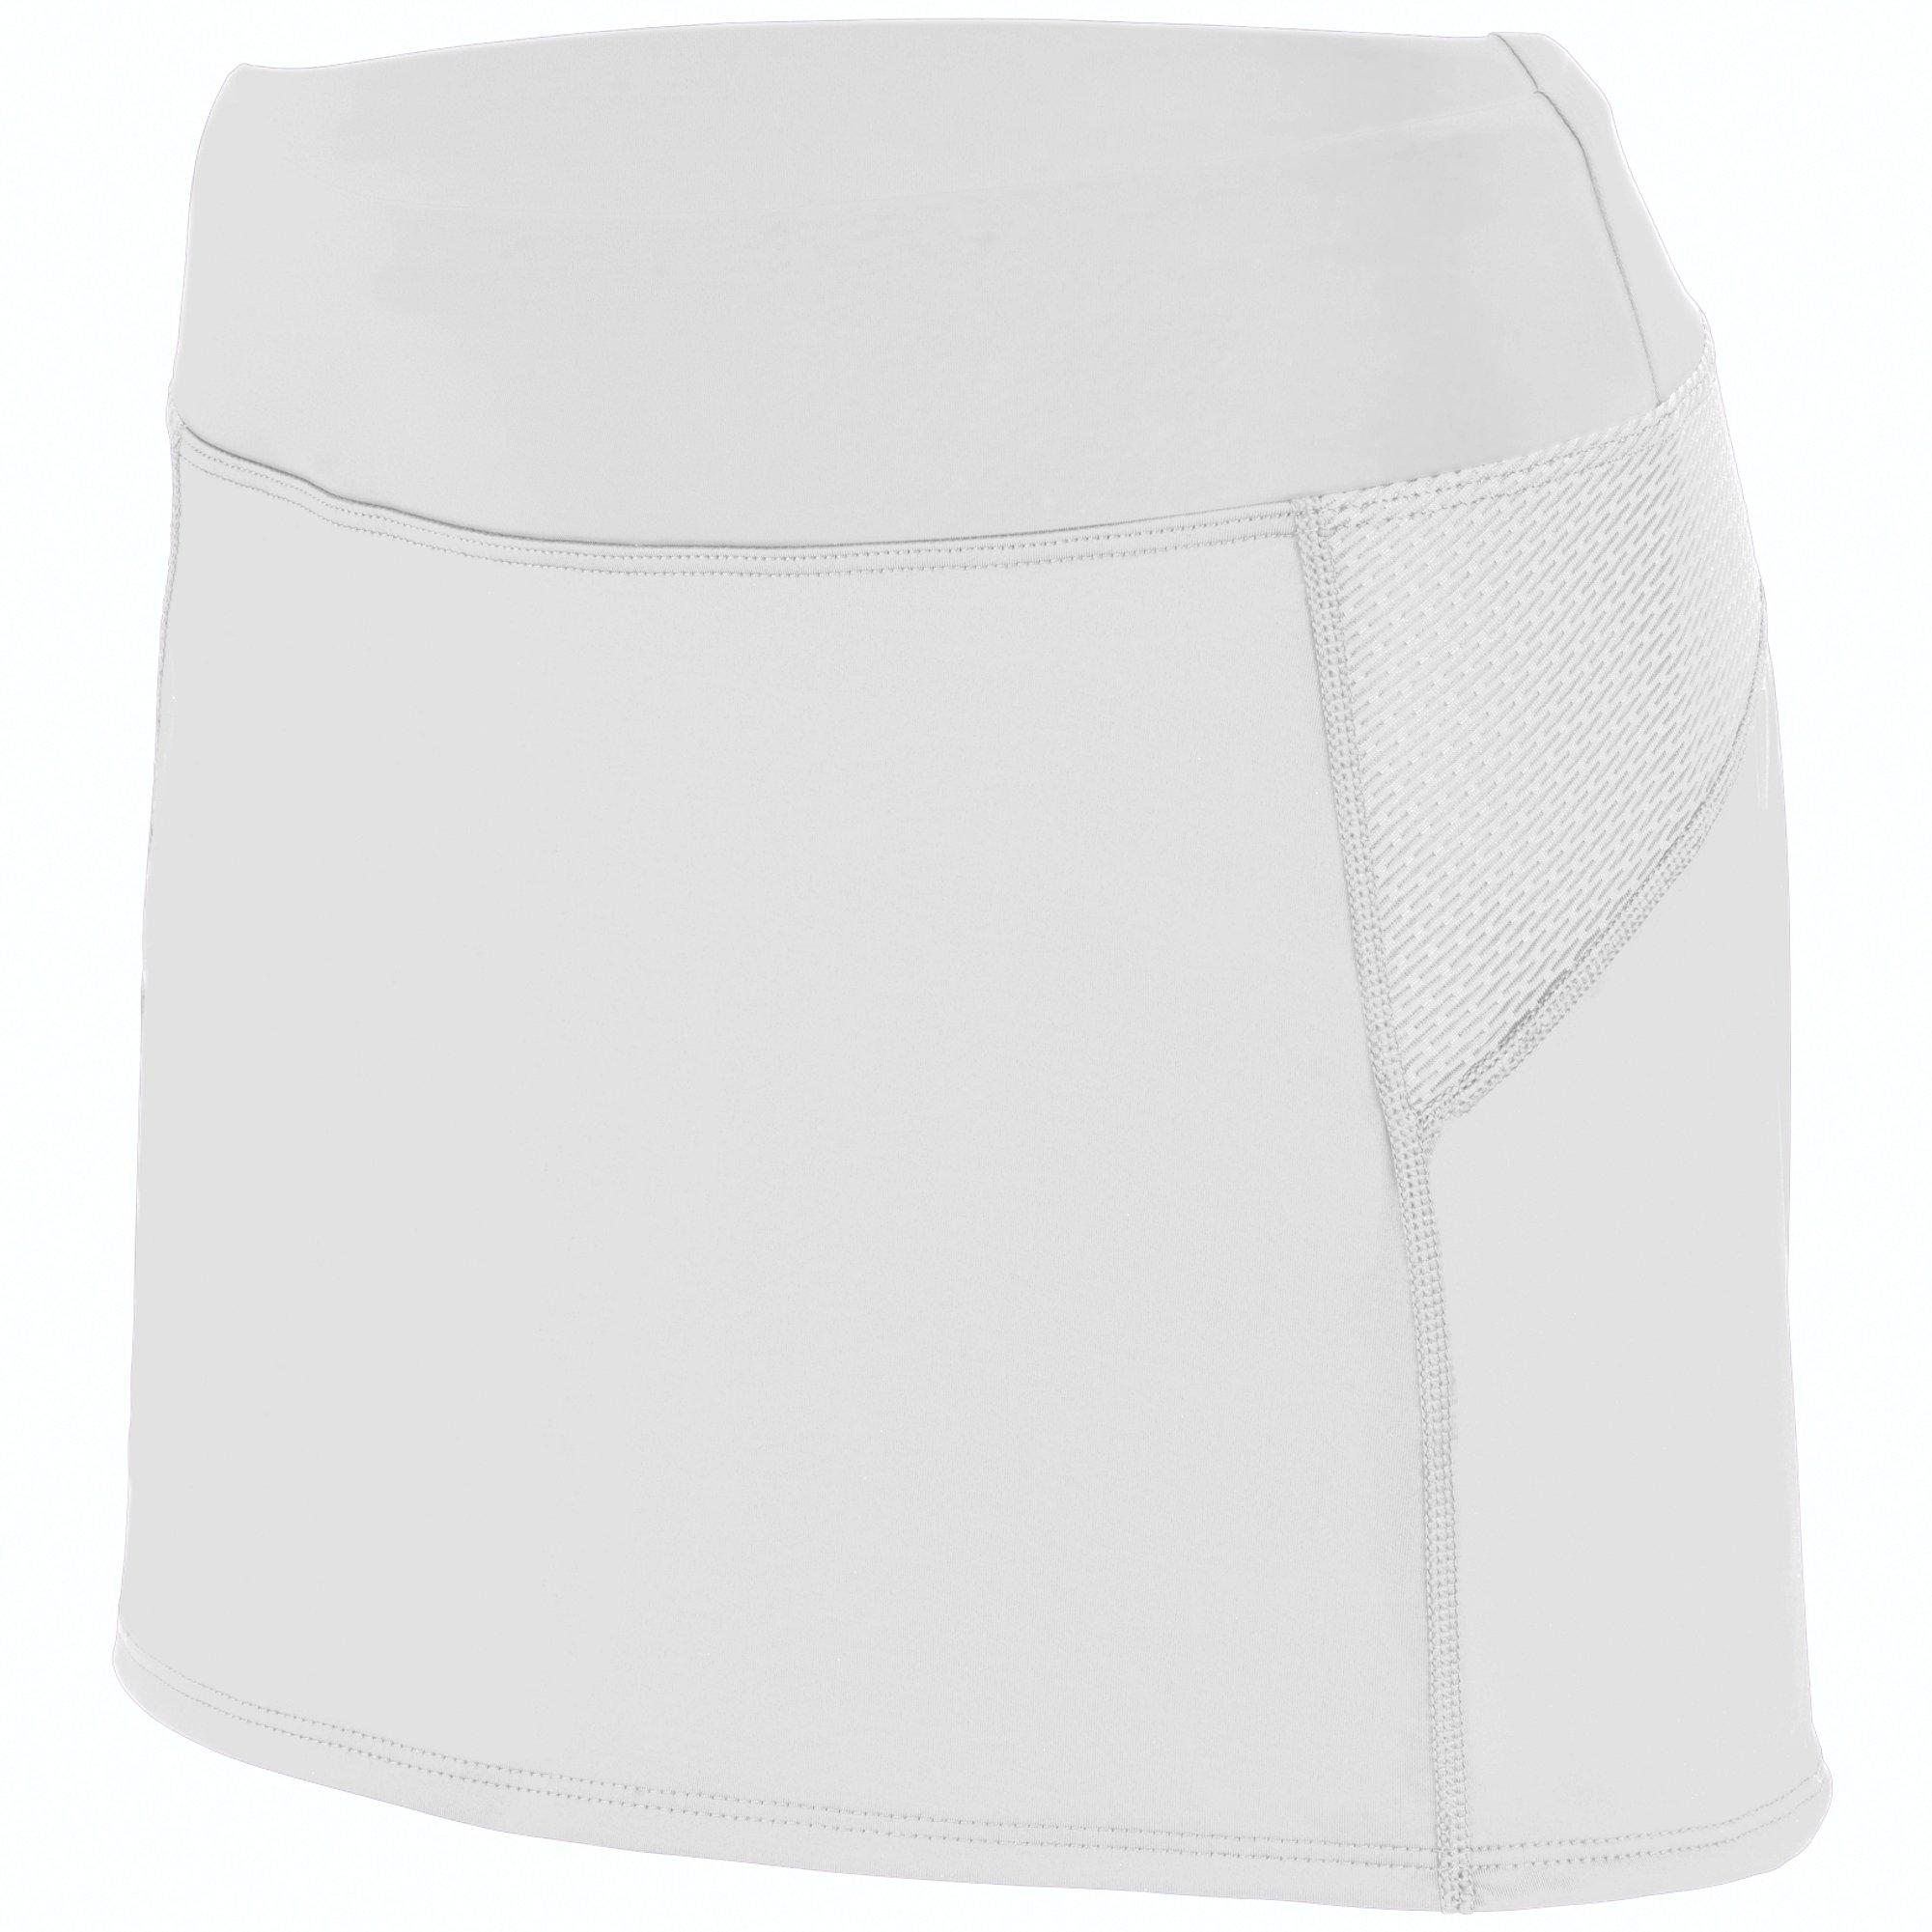 Augusta Sportswear Girls Femfit Skort S White/Graphite by Augusta Sportswear